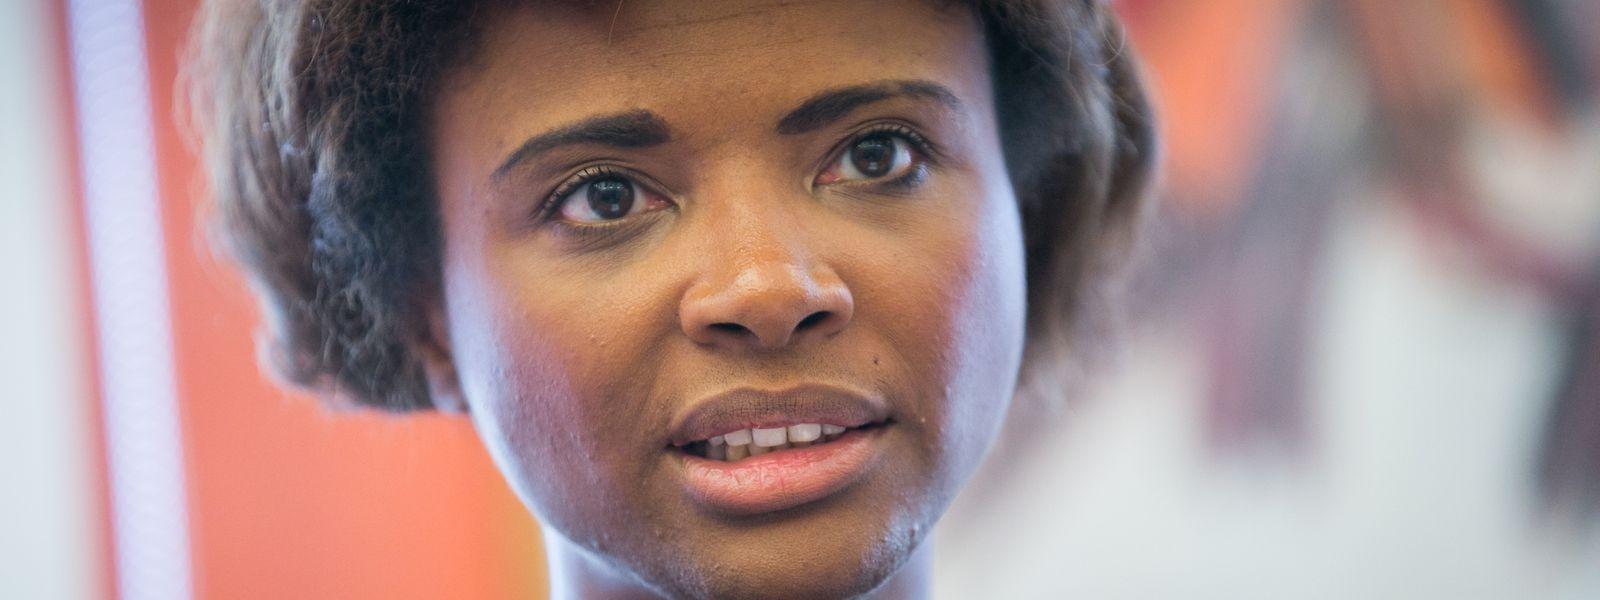 Natalie Silva siège au conseil communal depuis 2011 et travaille comme conseiller politique pour le CSV depuis 2004.